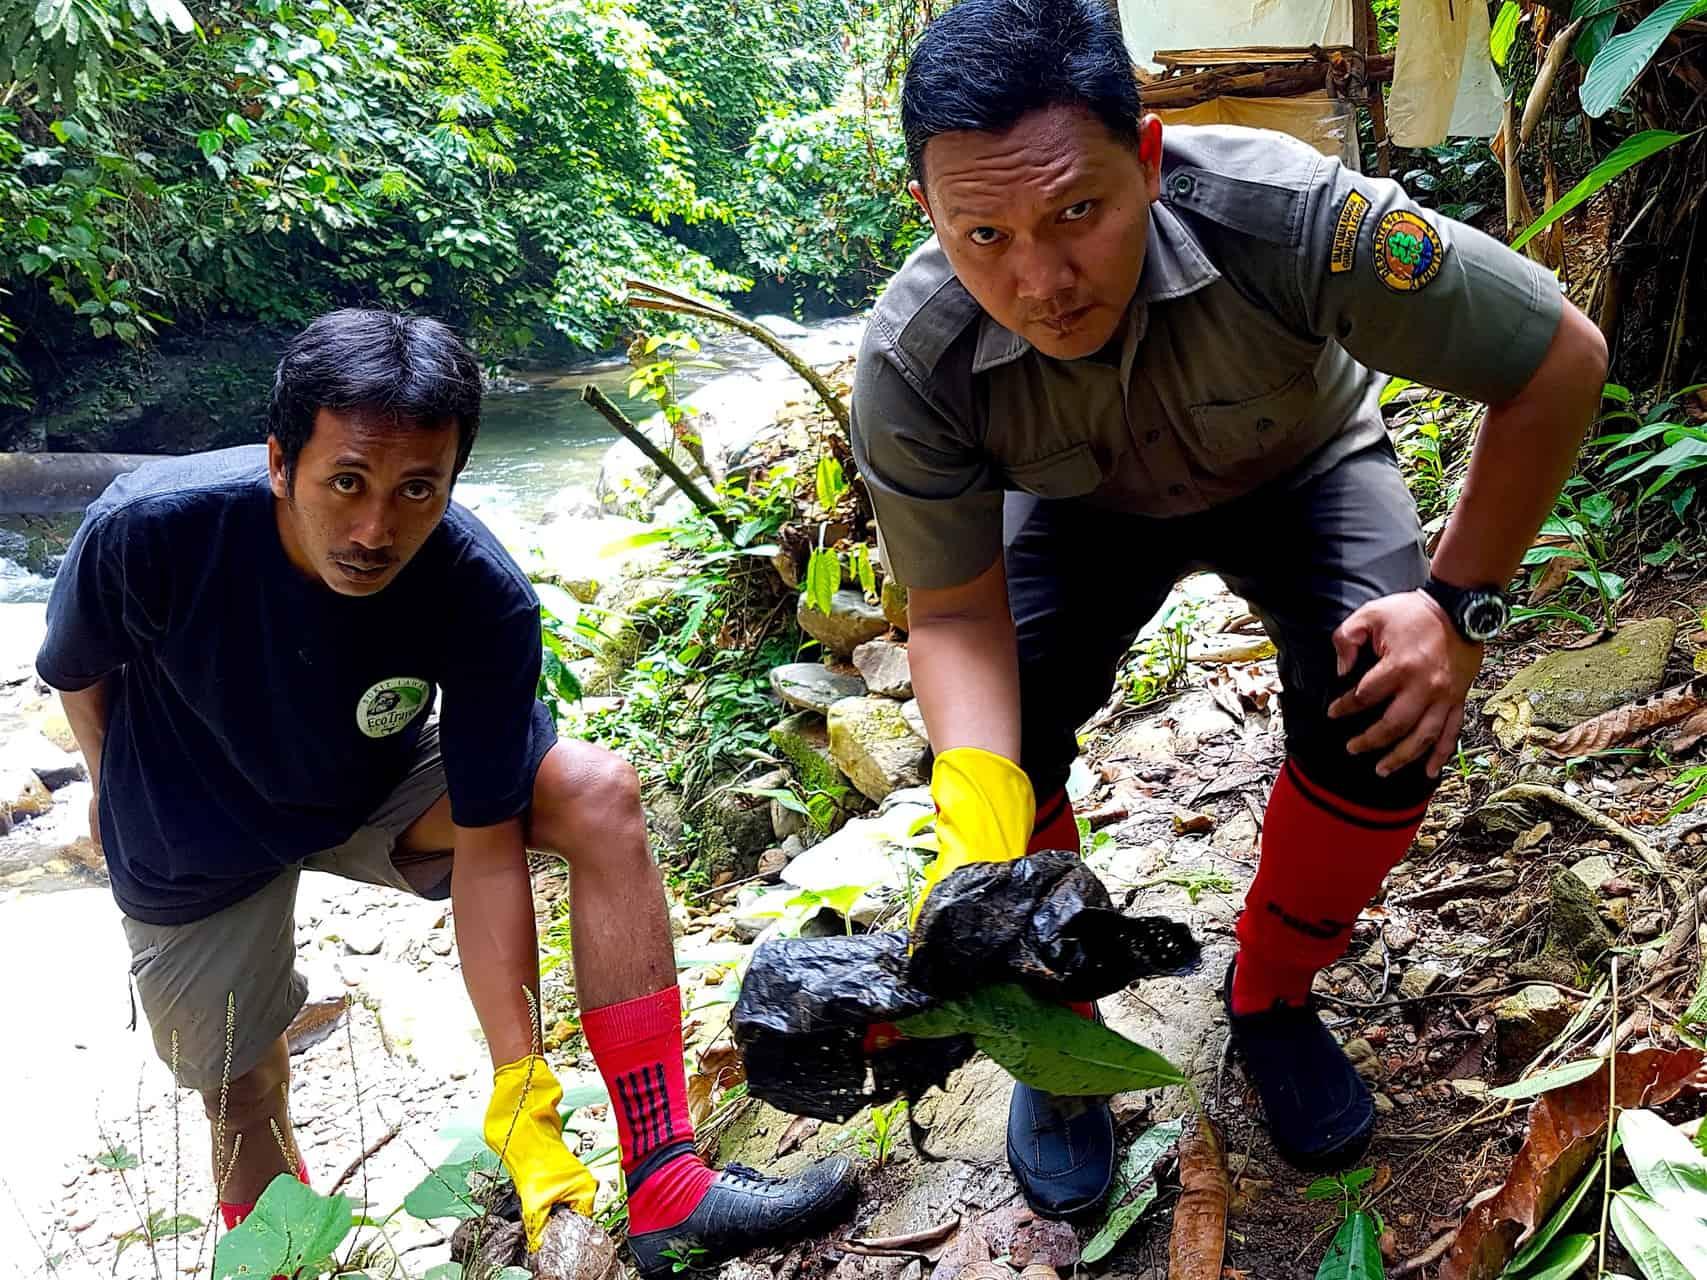 Keep The Jungle Green - Sumatra Eco Travel Bukit Lawang